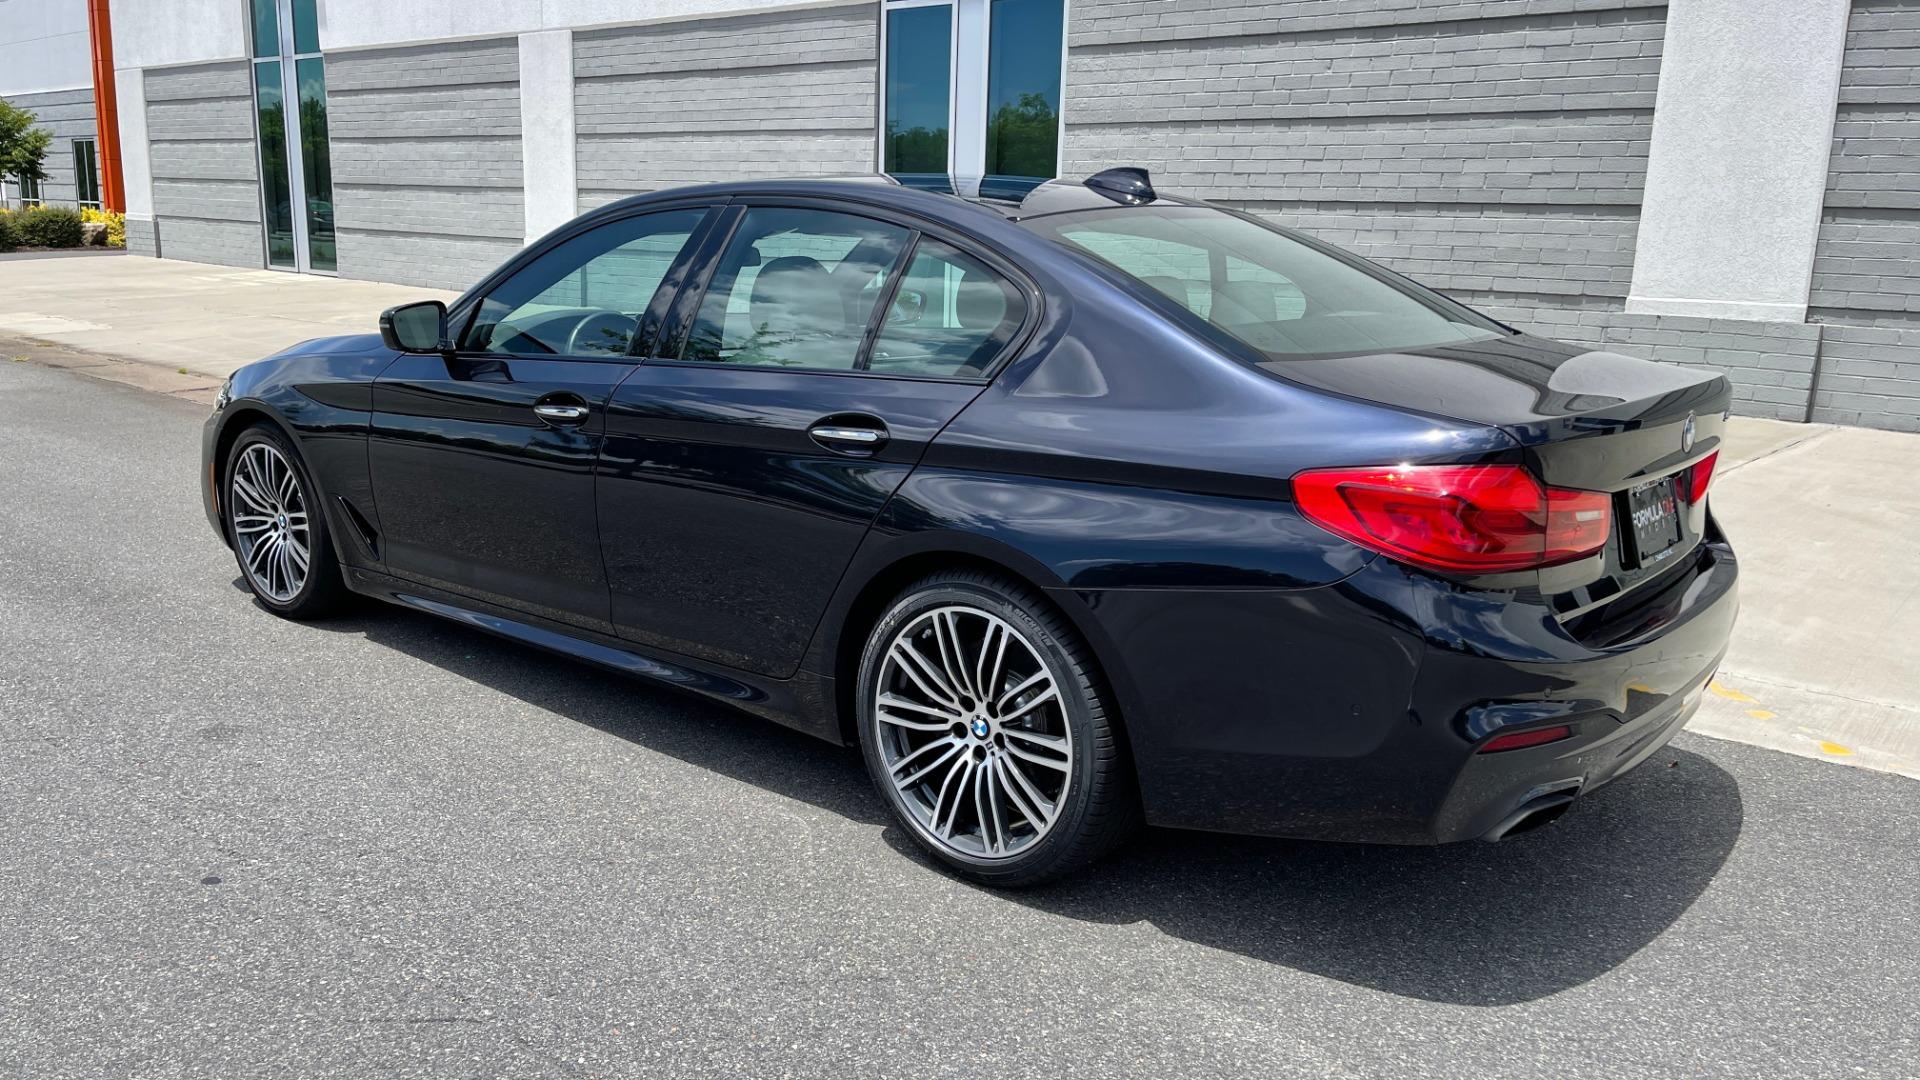 Used 2018 BMW 5 SERIES 540I M-SPORT / EXECUTIVE PKG / DRVR ASST PKG / BLIND SPOT / LANE DEPART for sale $40,995 at Formula Imports in Charlotte NC 28227 5